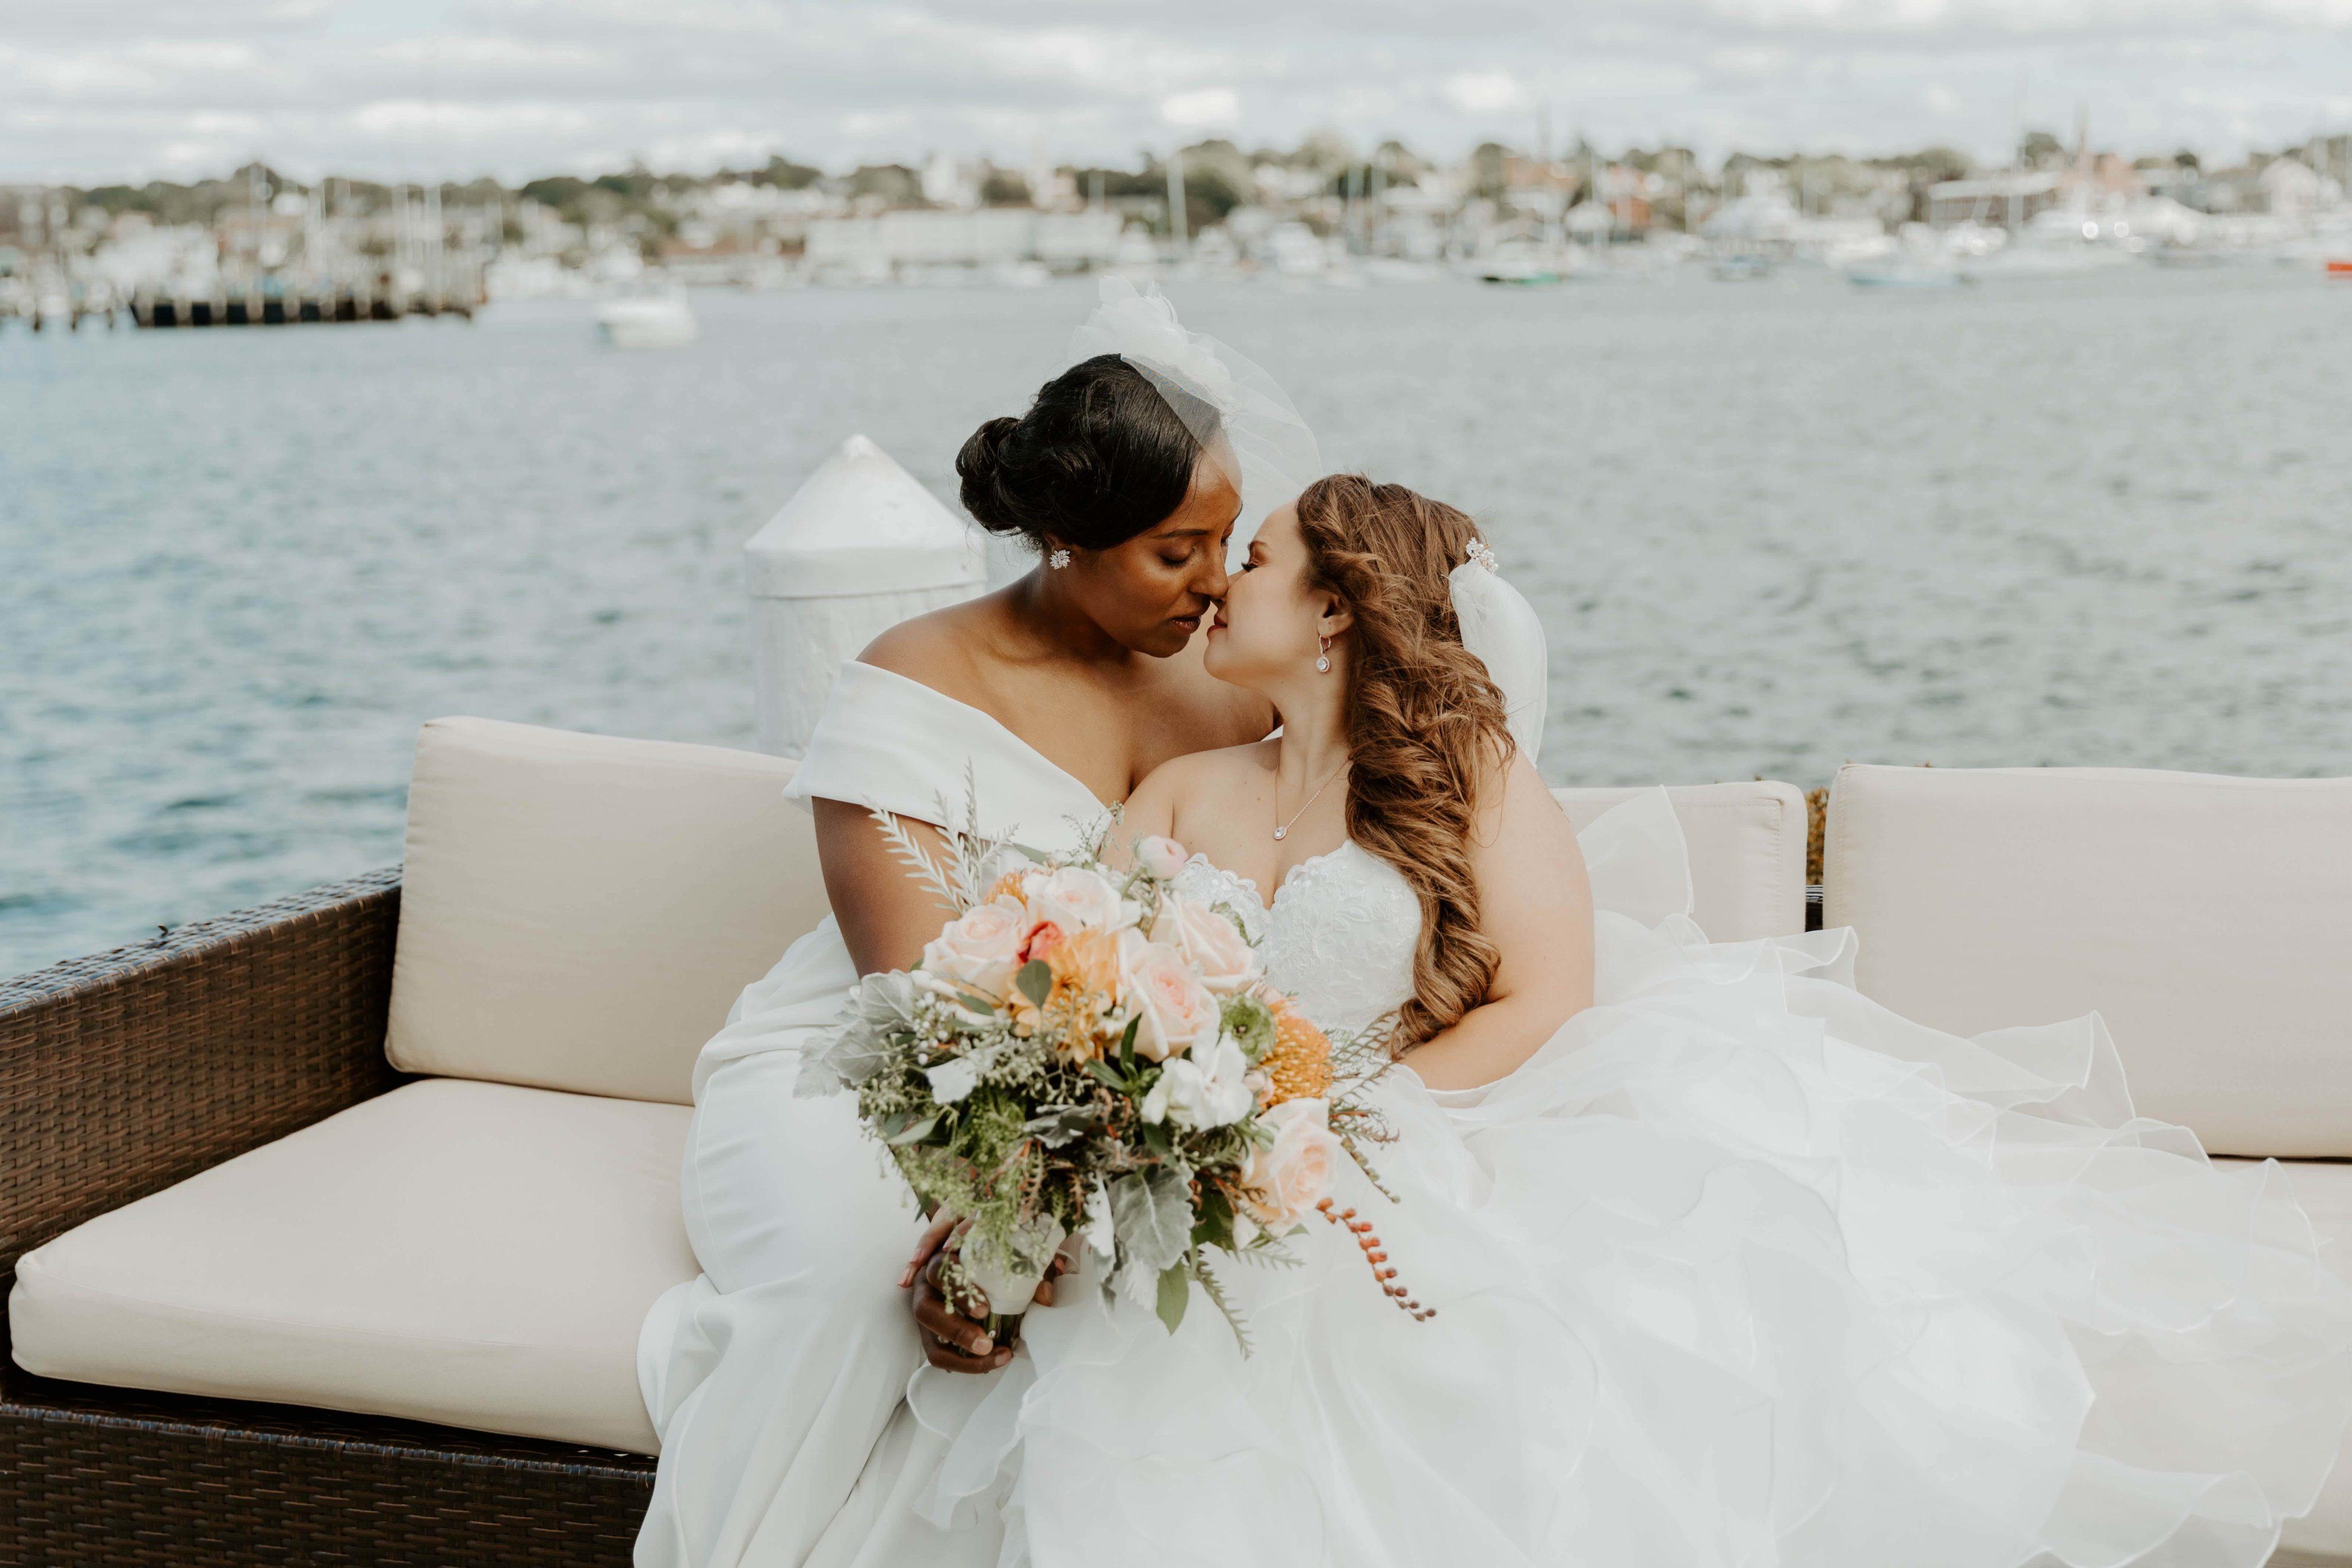 Kristina and Kindell kissing on dock